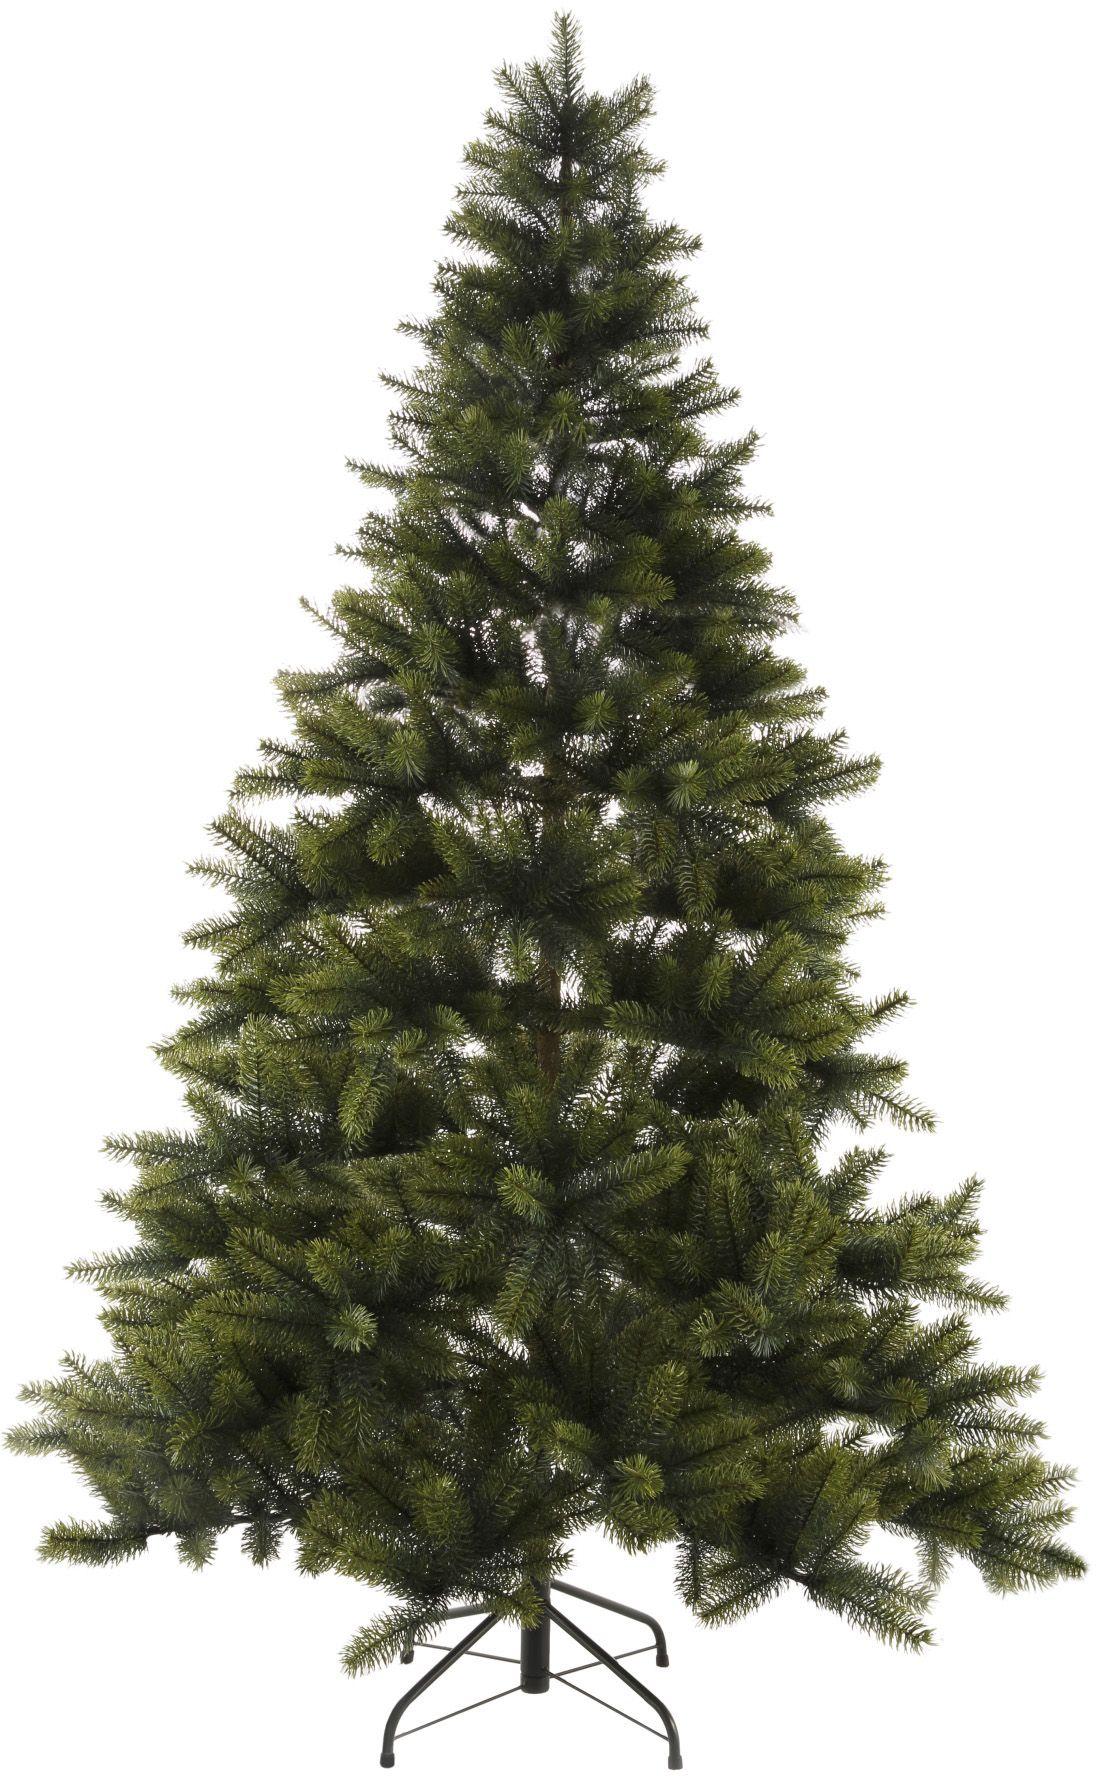 weihnachtsbaum g nstig online kaufen beim schwab versand. Black Bedroom Furniture Sets. Home Design Ideas